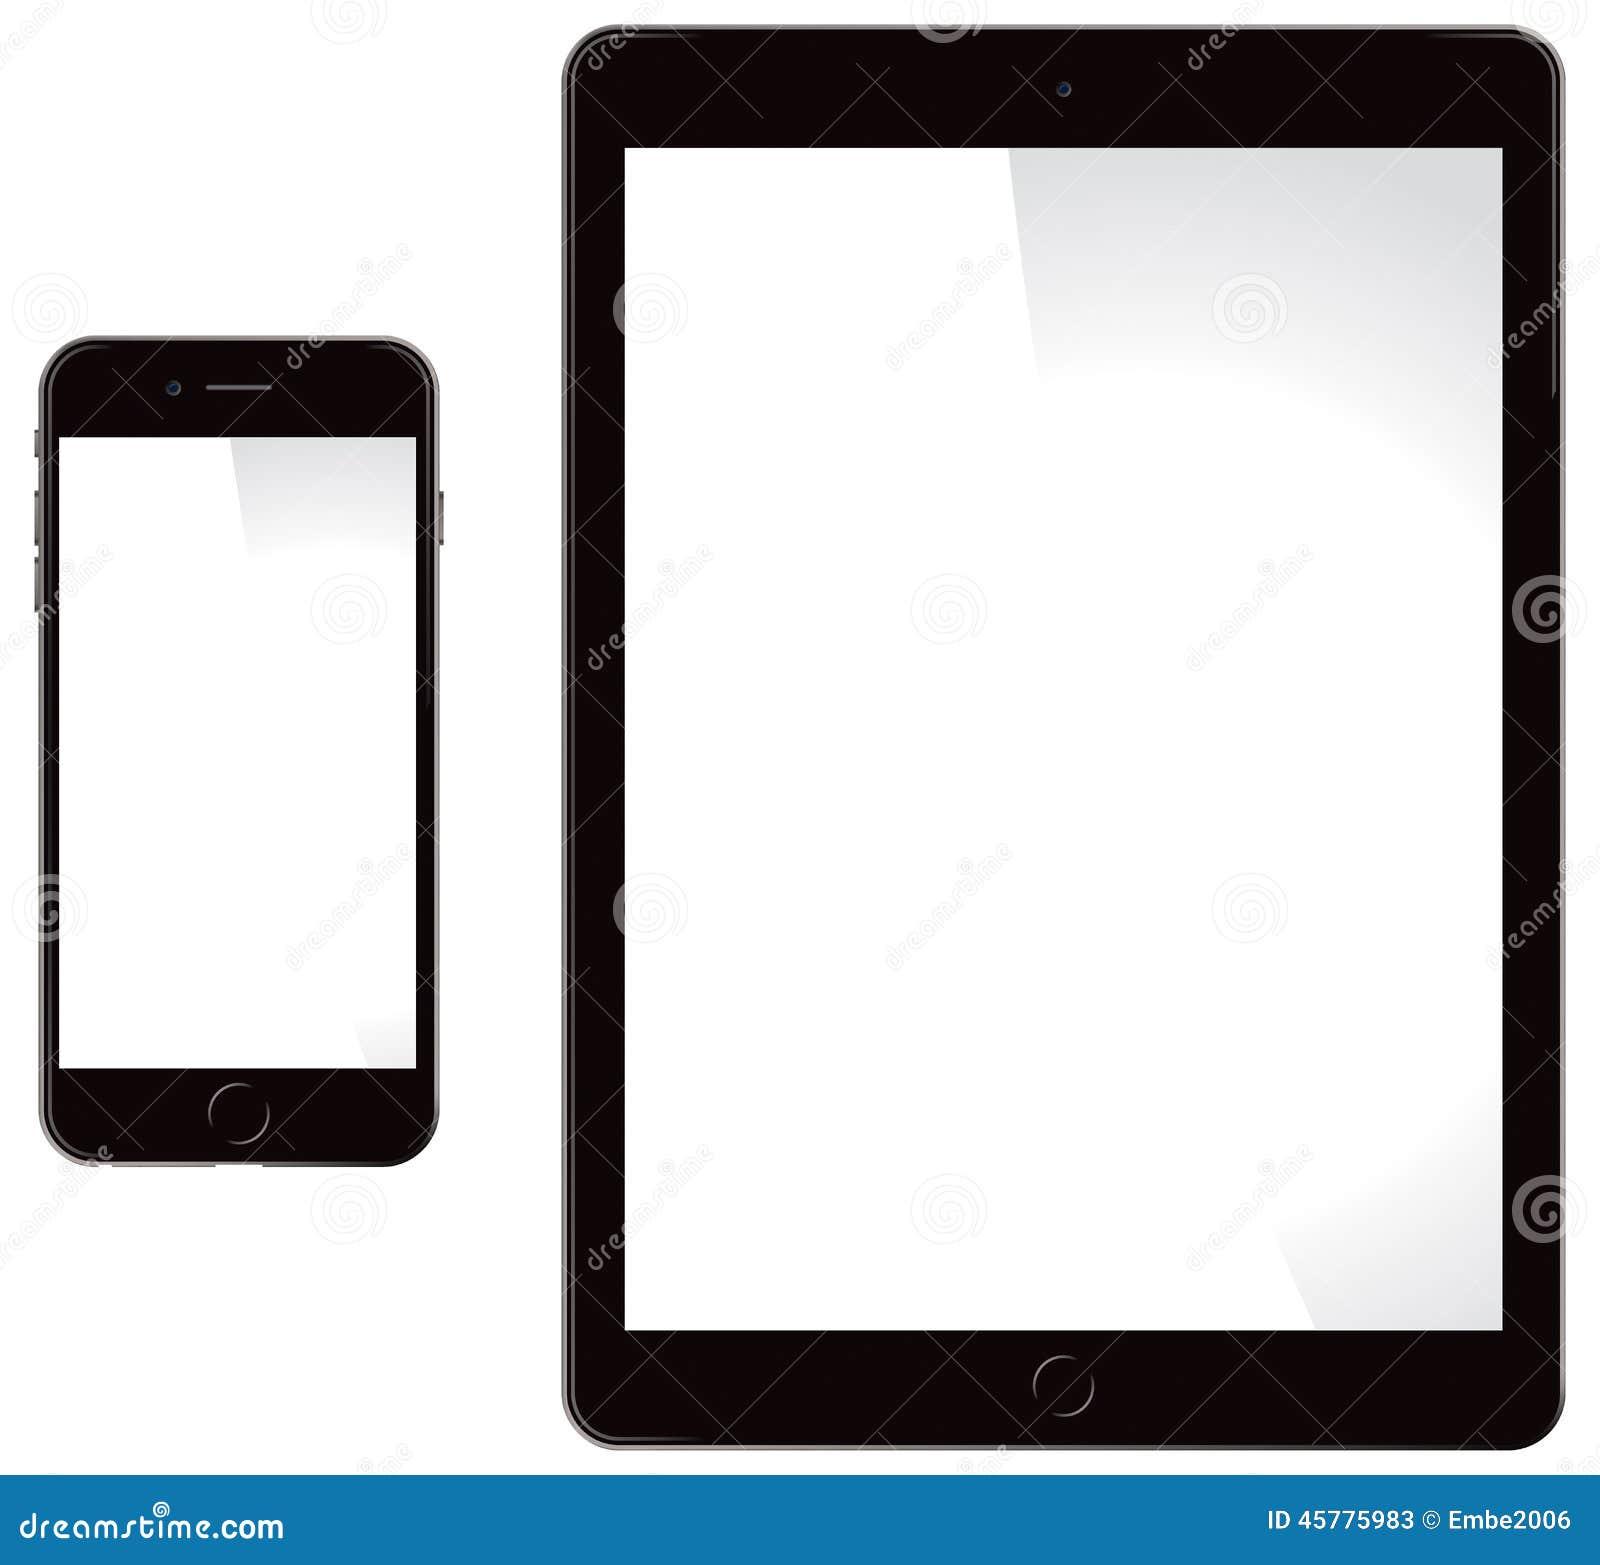 IPhone e iPad de Apple